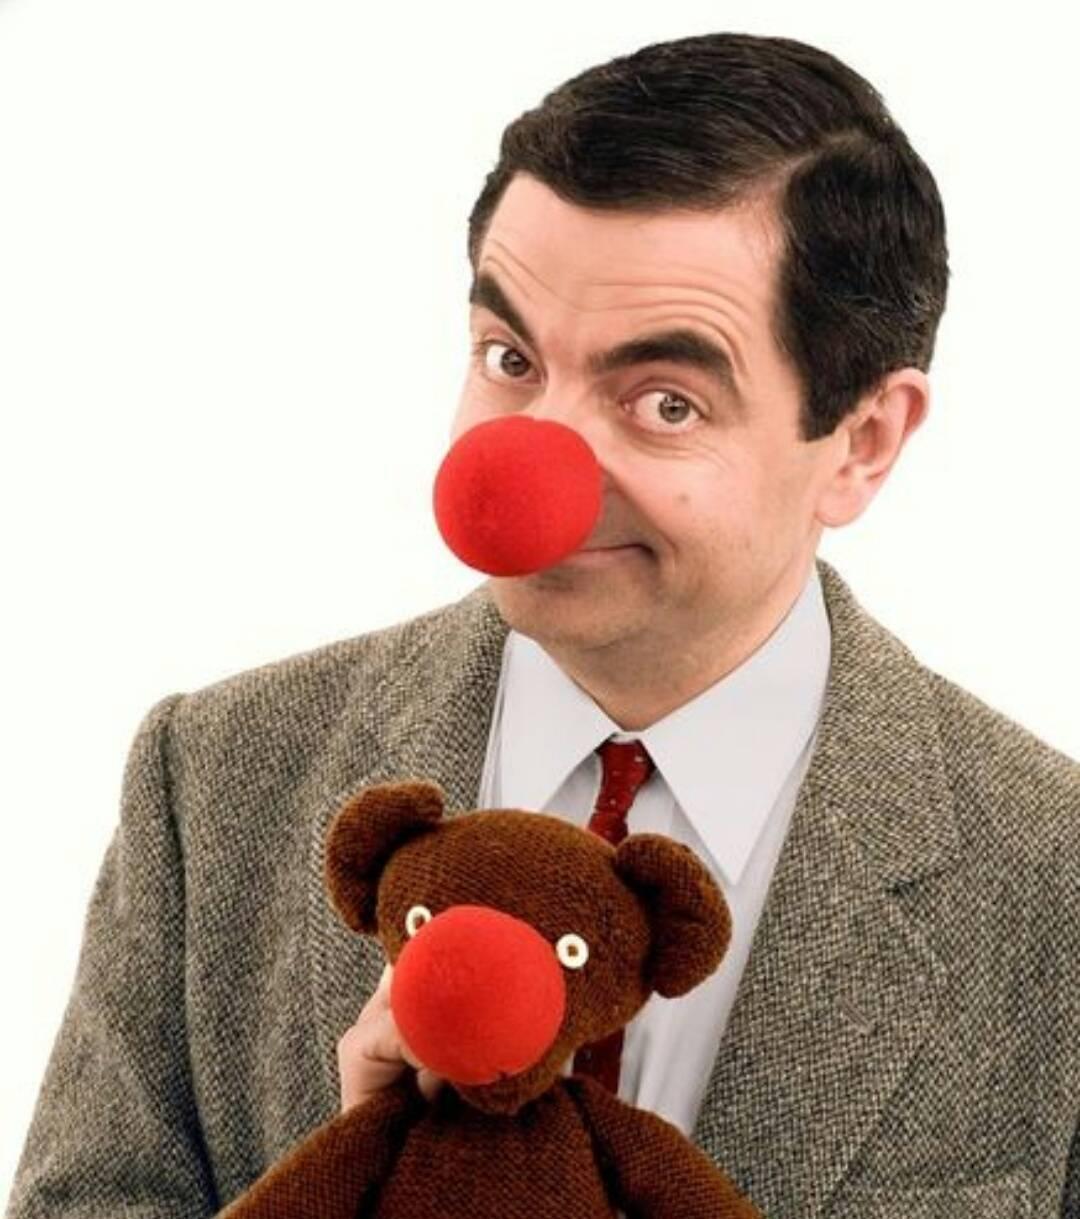 Красный нос: причины и лечение. что делать при покраснении и воспалении